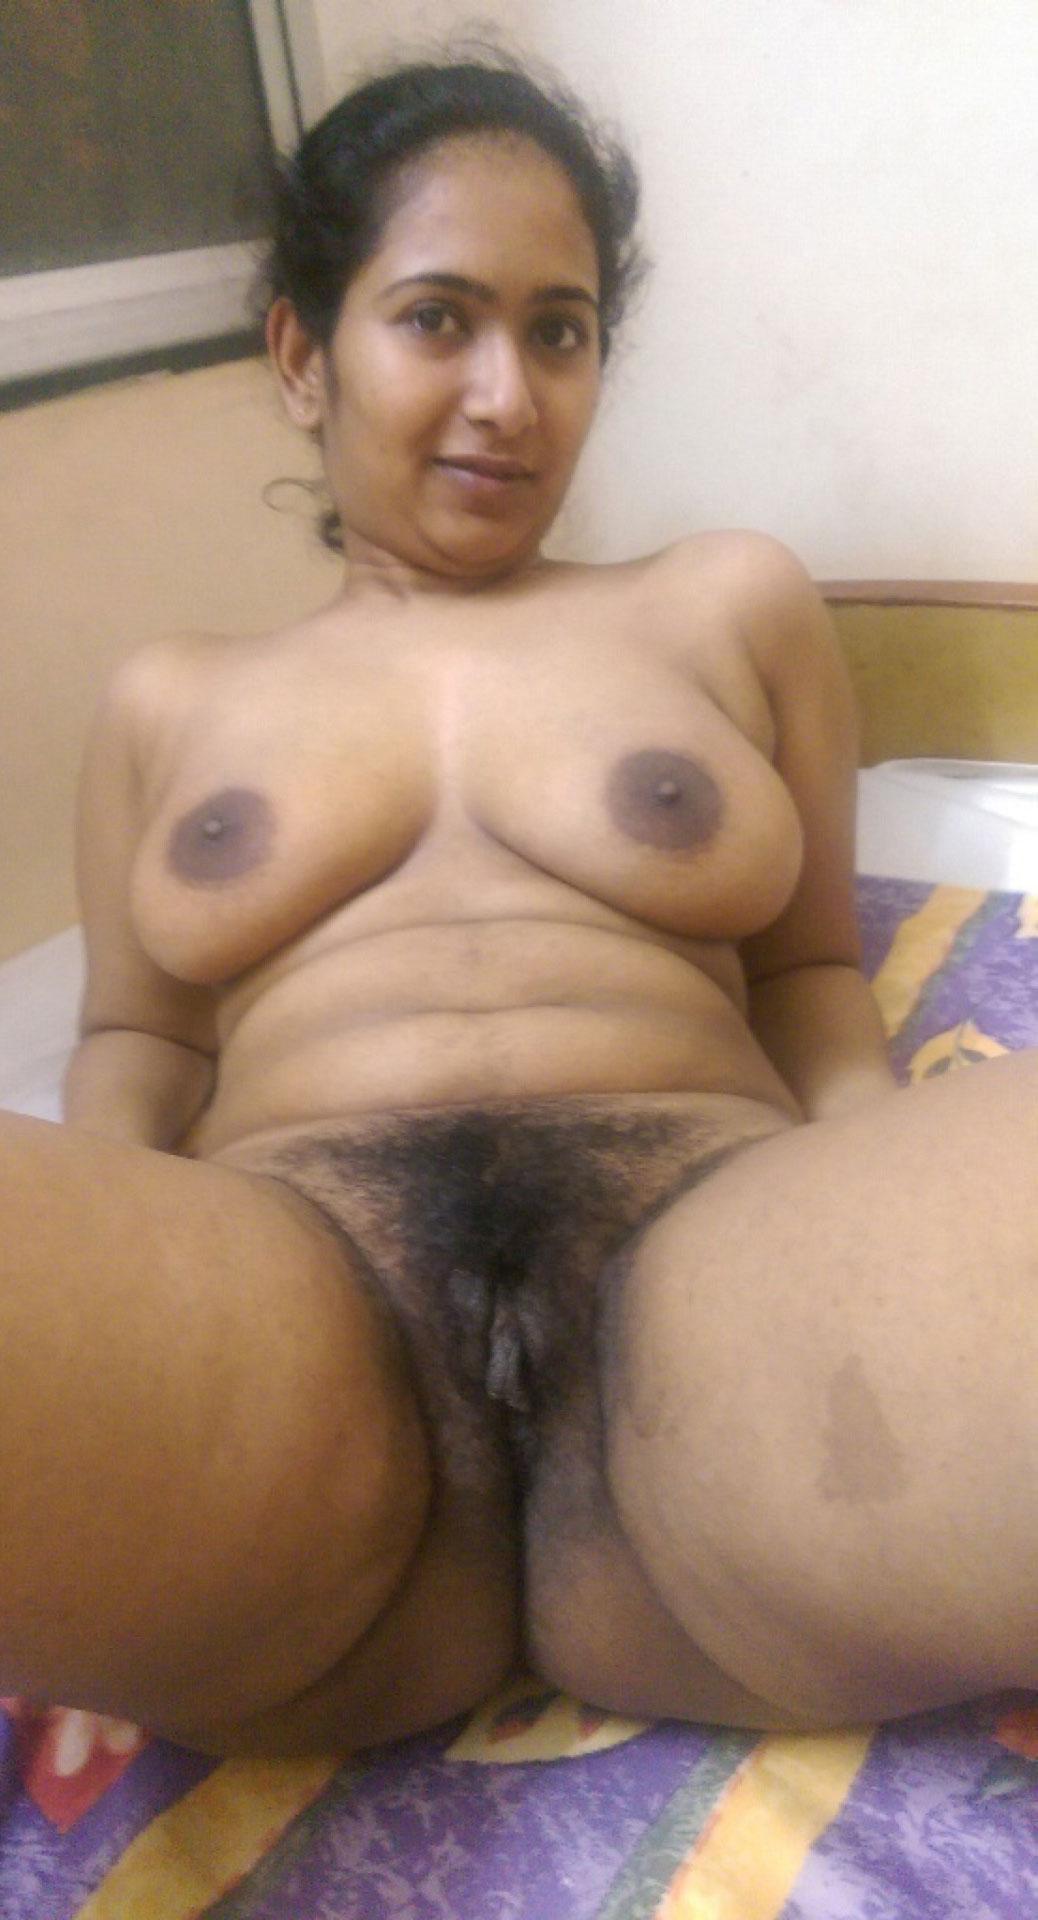 Desi bhabhi nude photos